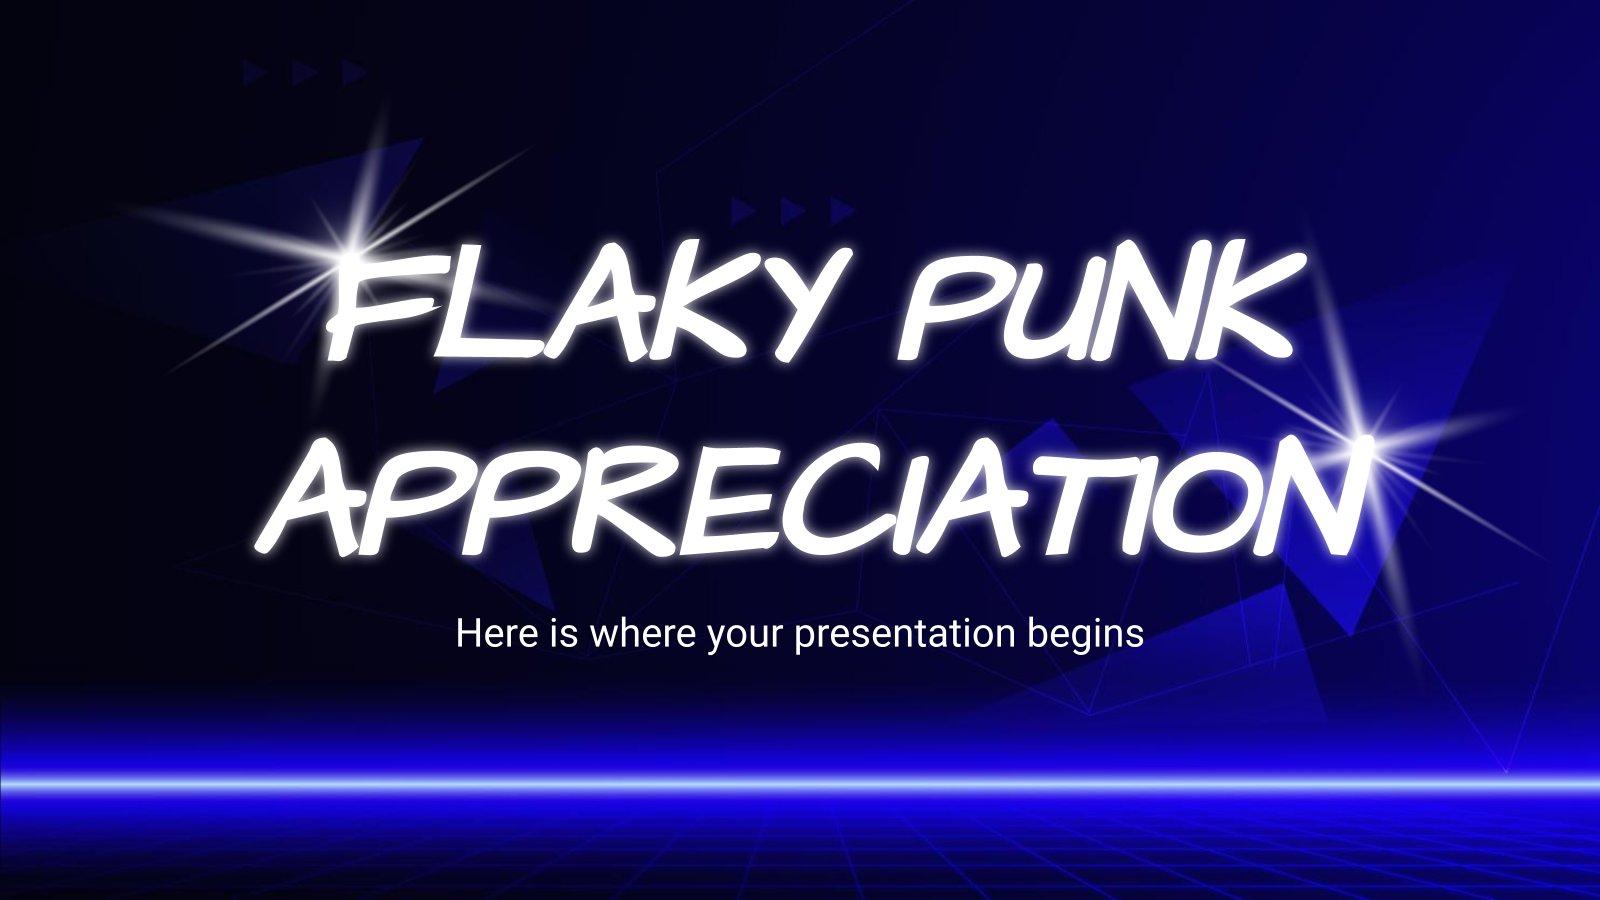 Plantilla de presentación Gusto por la música punk